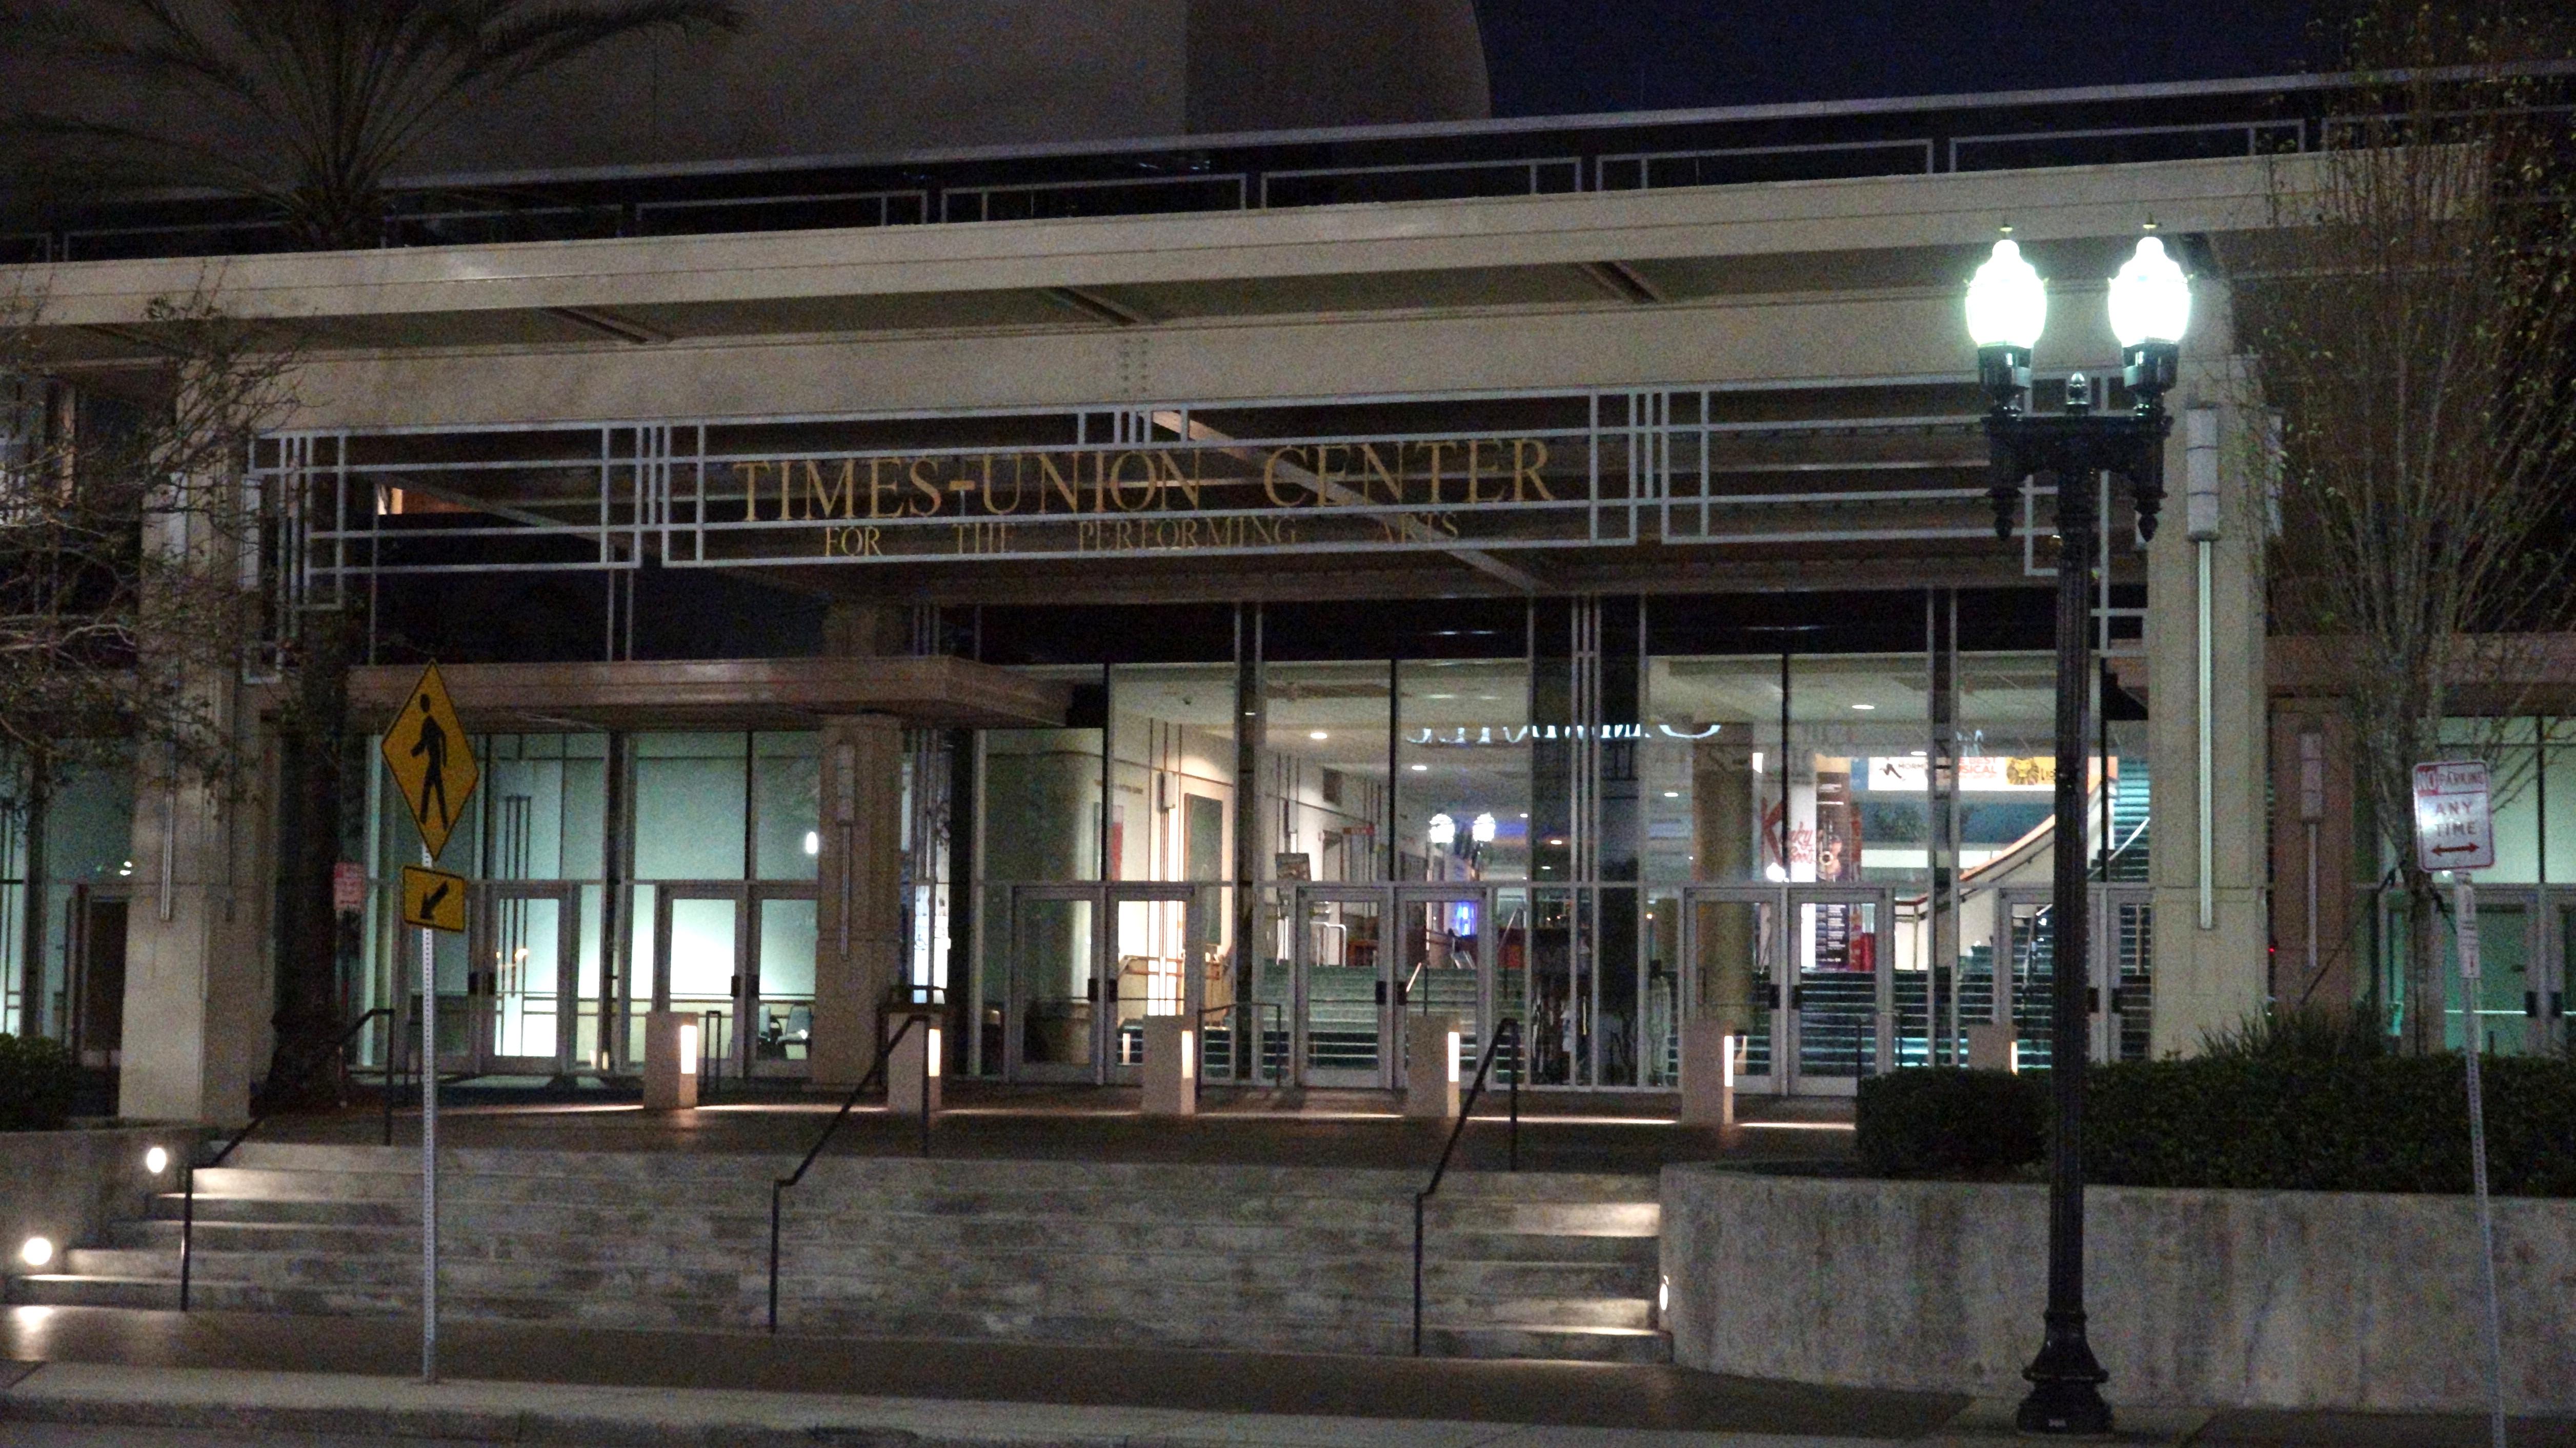 Times-Union Center